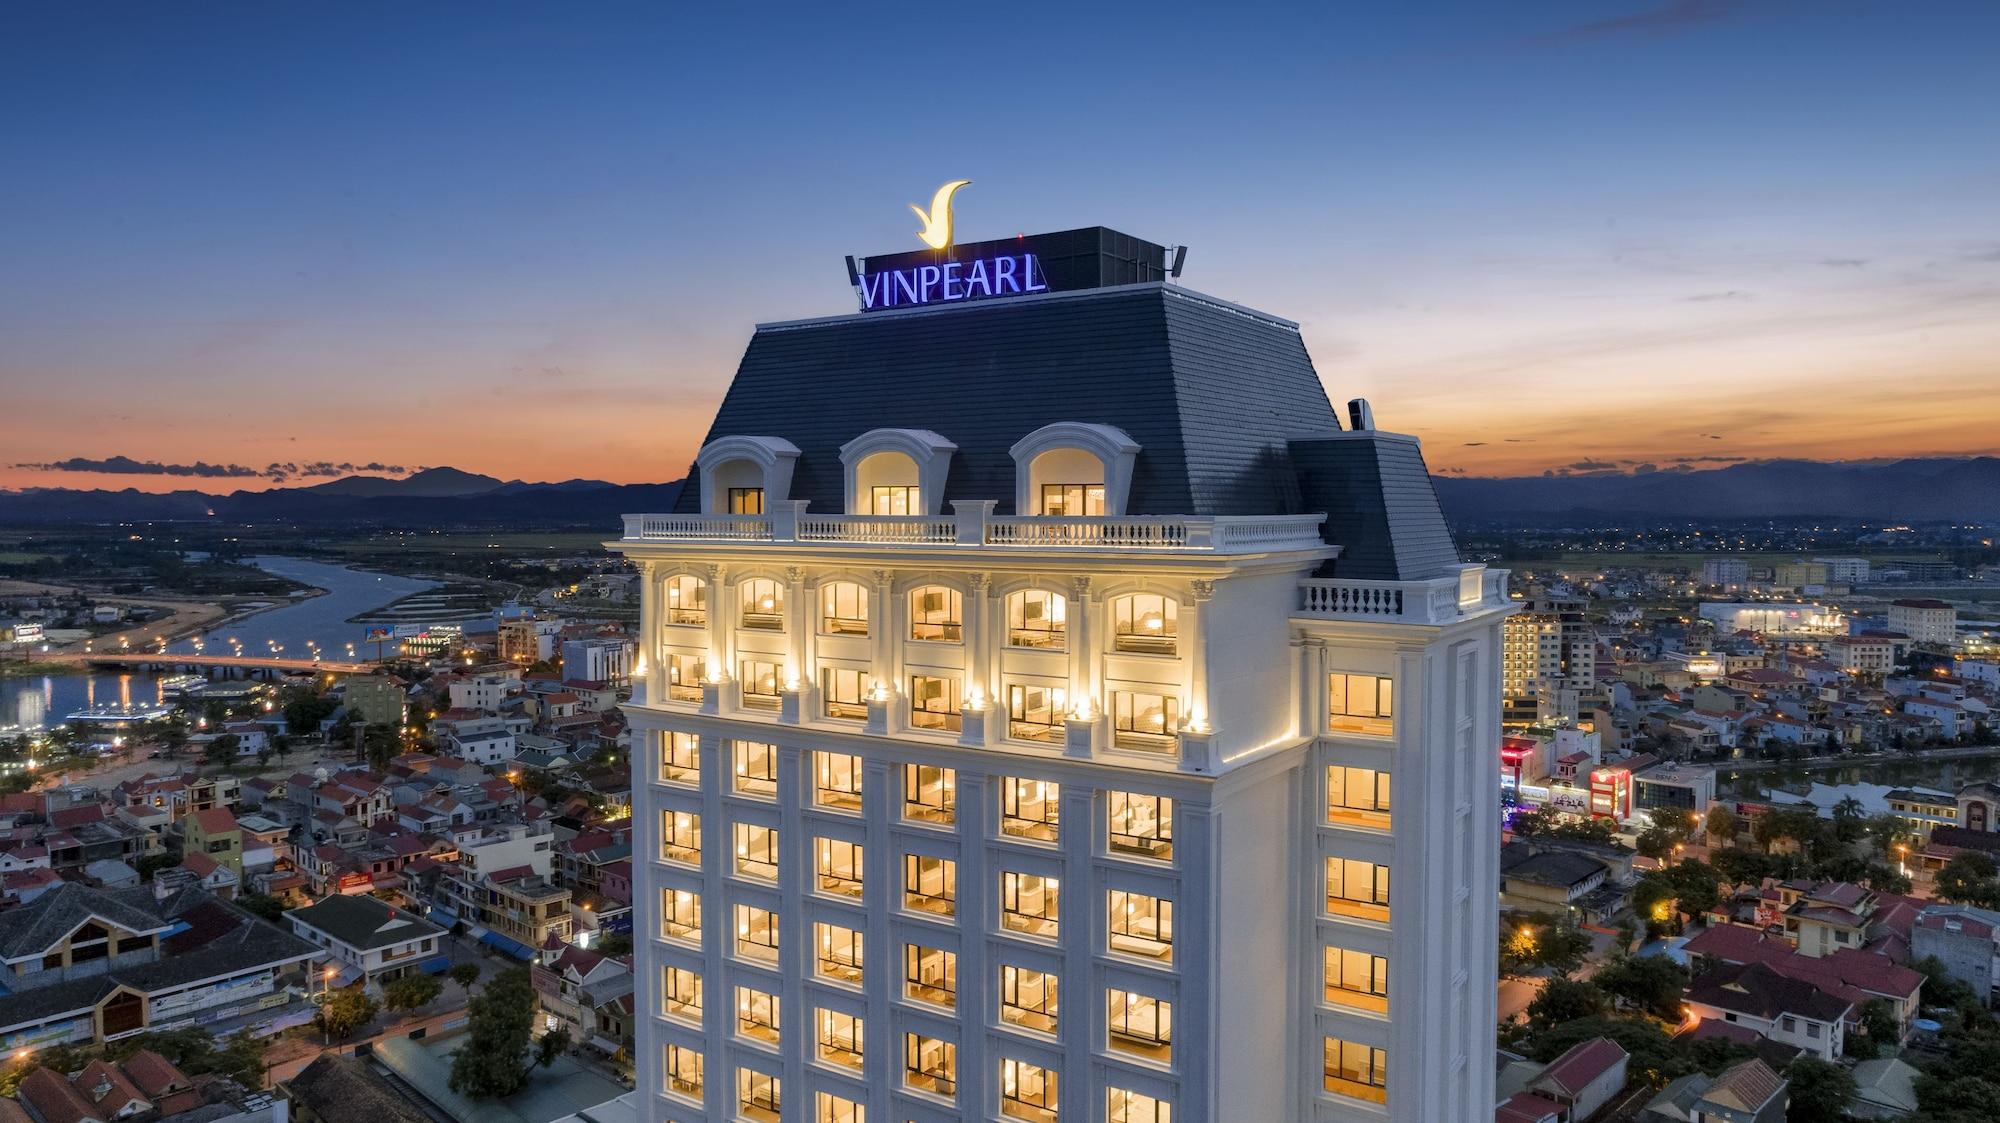 Vinpearl Hotel Quang Binh, Đồng Hới